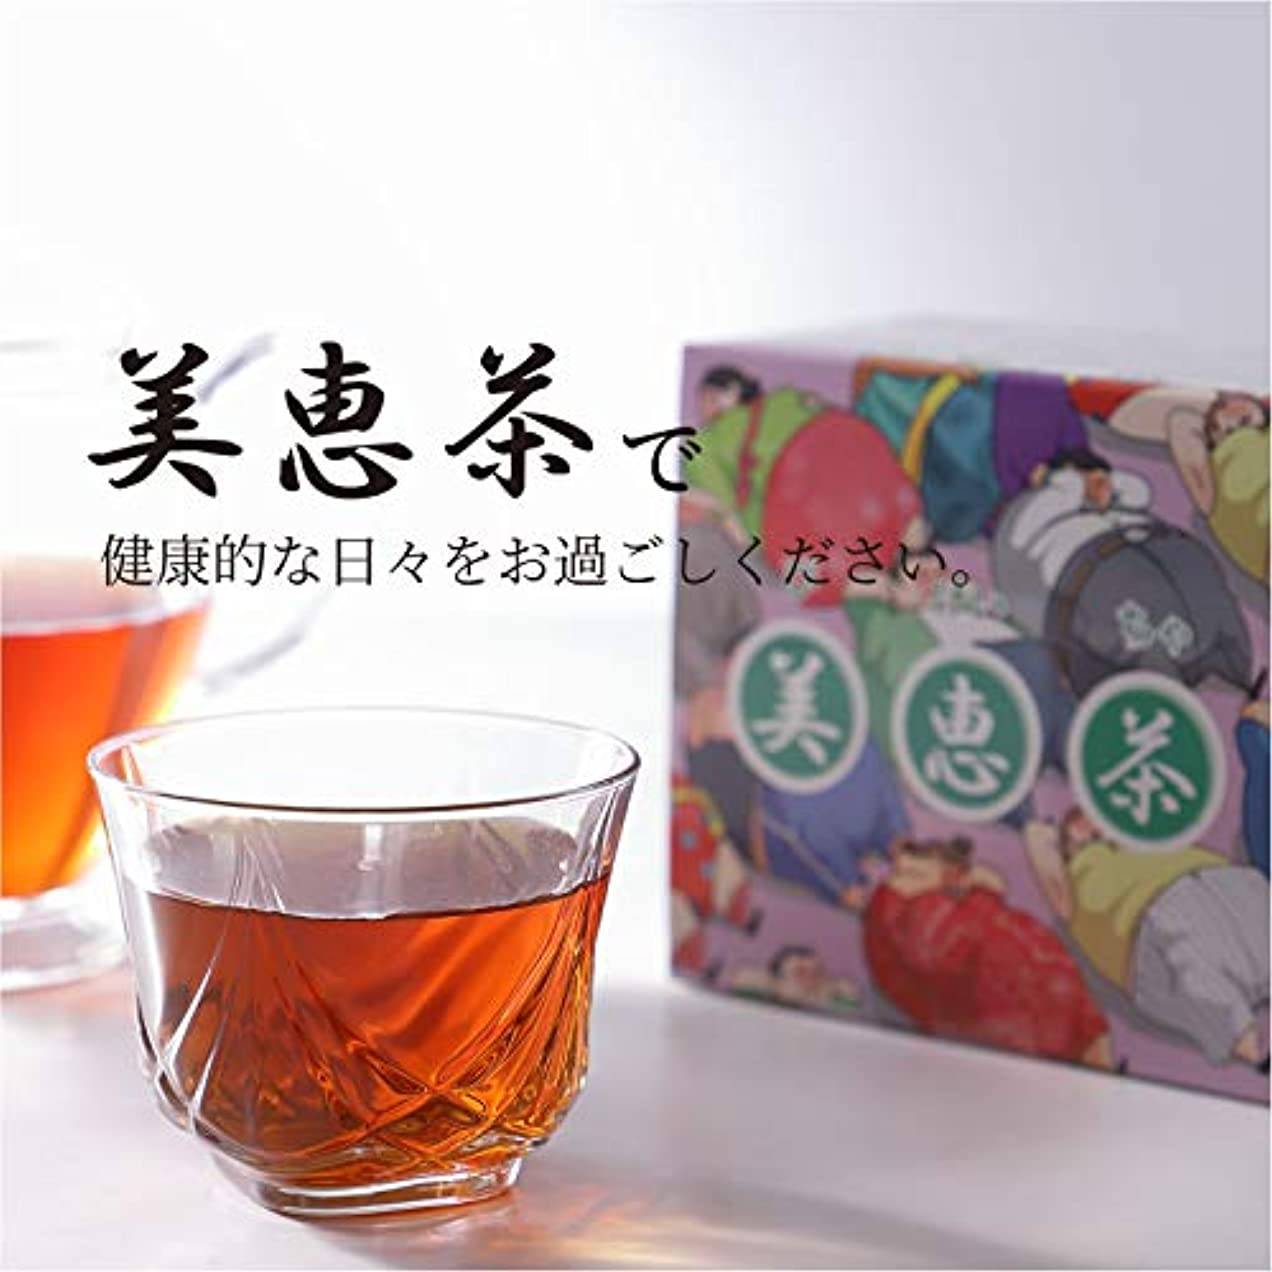 維持する爆風うまれた美恵茶